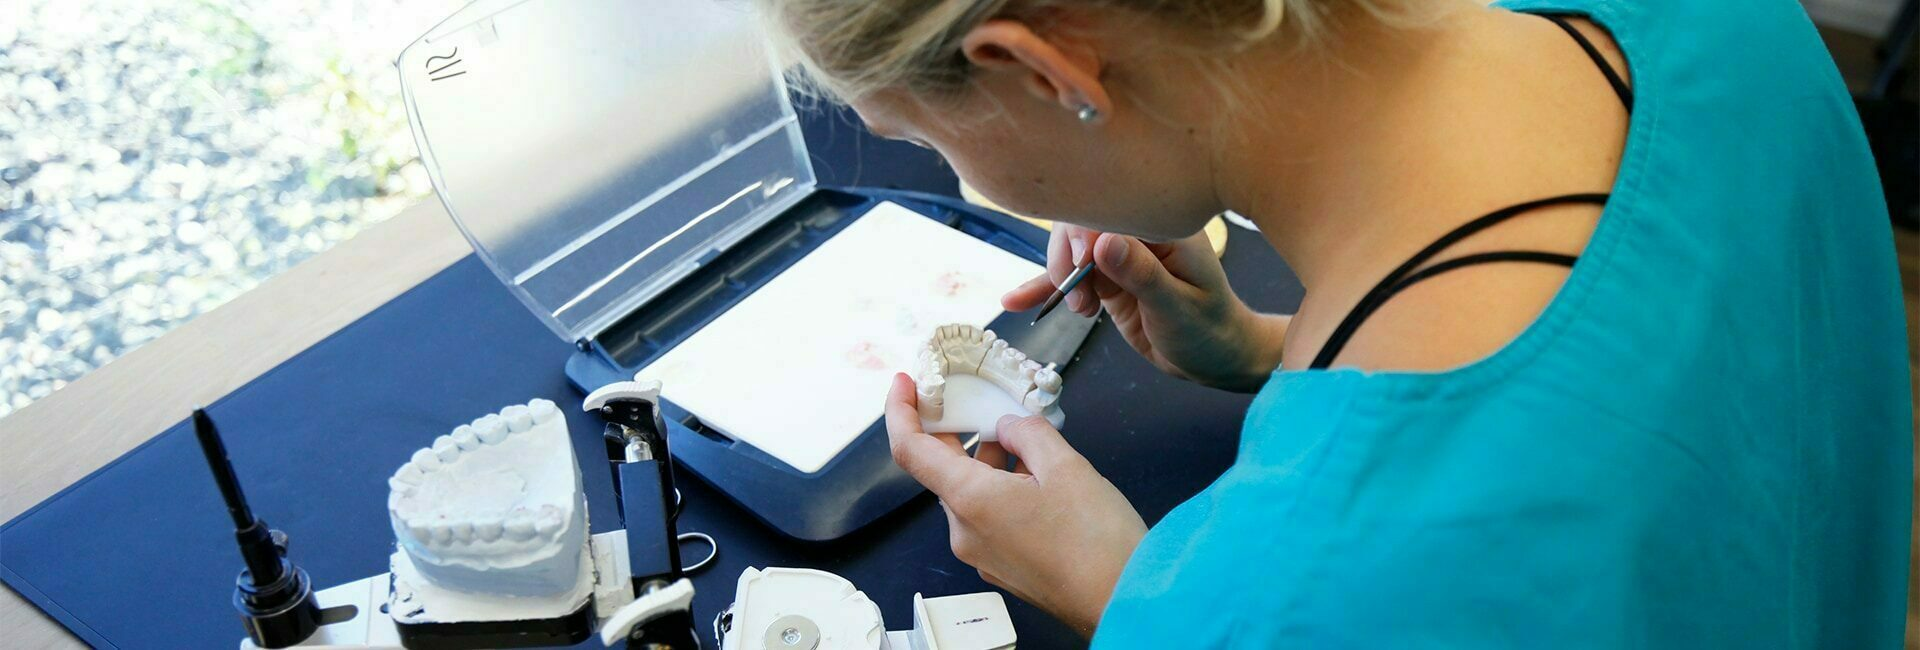 Zahntechnikerin im Labor beim erstellen einer Zahnkrone